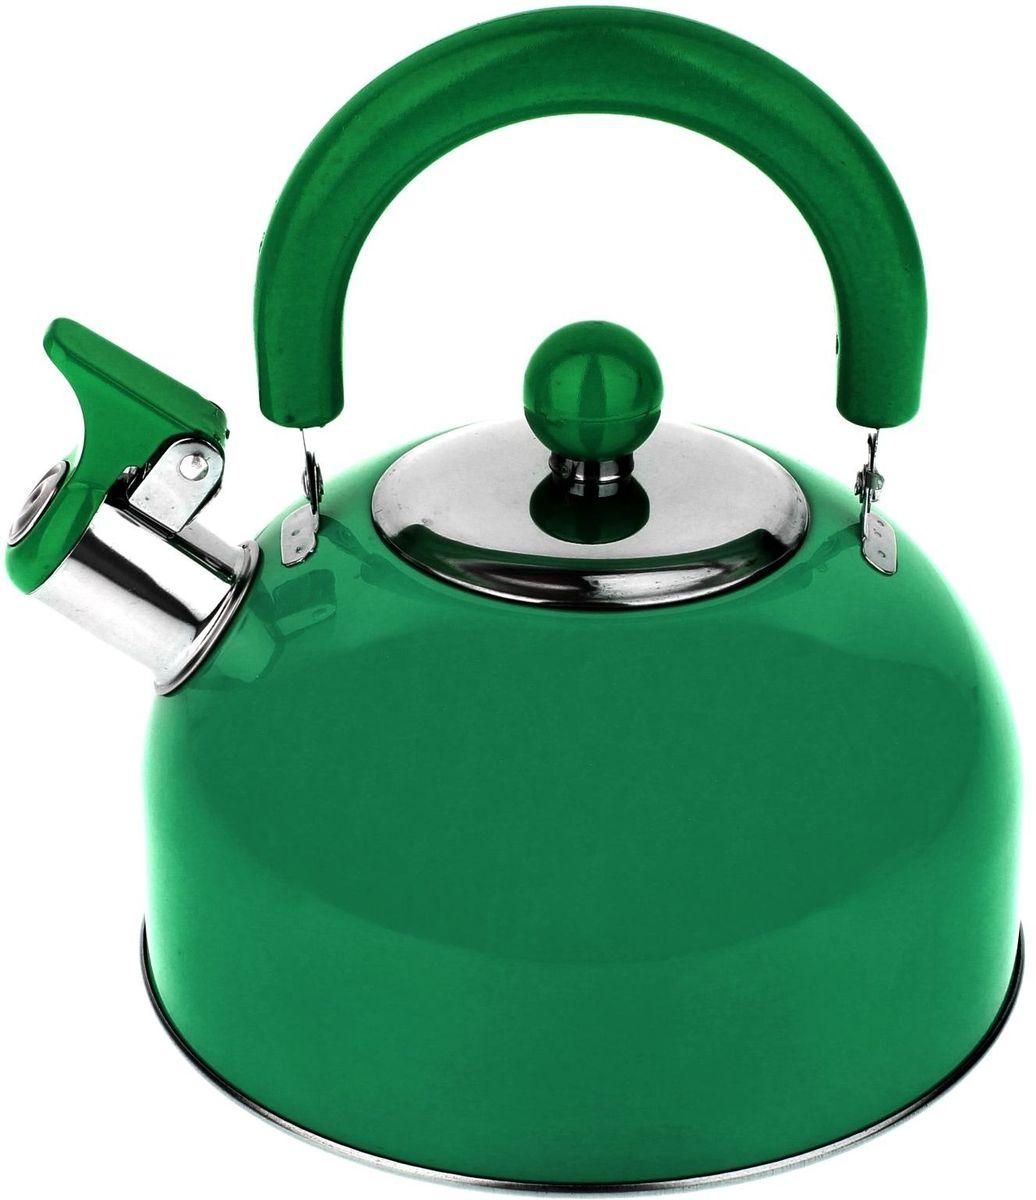 Чайник Доляна Радуга, со свистком, цвет: зеленый, 2,1 л863664Бытовая посуда из нержавеющей стали славится неприхотливостью в уходе и безукоризненной функциональностью. Коррозиестойкий сплав обеспечивает гигиеничность изделий. Чайники из этого материала абсолютно безопасны для здоровья человека. Чем привлекательна посуда из нержавейки? Чайник из нержавеющей стали станет удачной находкой для дома или ресторана: благодаря низкой теплопроводности модели вода дольше остается горячей; необычный дизайн радует глаз и поднимает настроение; качественное дно гарантирует быстрый нагрев. Как продлить срок службы? Ухаживать за новым приобретением элементарно просто, но стоит помнить о нескольких нехитрых правилах. Во-первых, не следует применять абразивные инструменты и сильнохлорированные моющие средства. Во-вторых, не оставляйте пустую посуду на плите. В-третьих, если вы уезжаете из дома на длительное время - выливайте воду из чайника. Если на внутренней поверхности изделия появились пятна, используйте для их удаления несколько капель уксусной или лимонной...